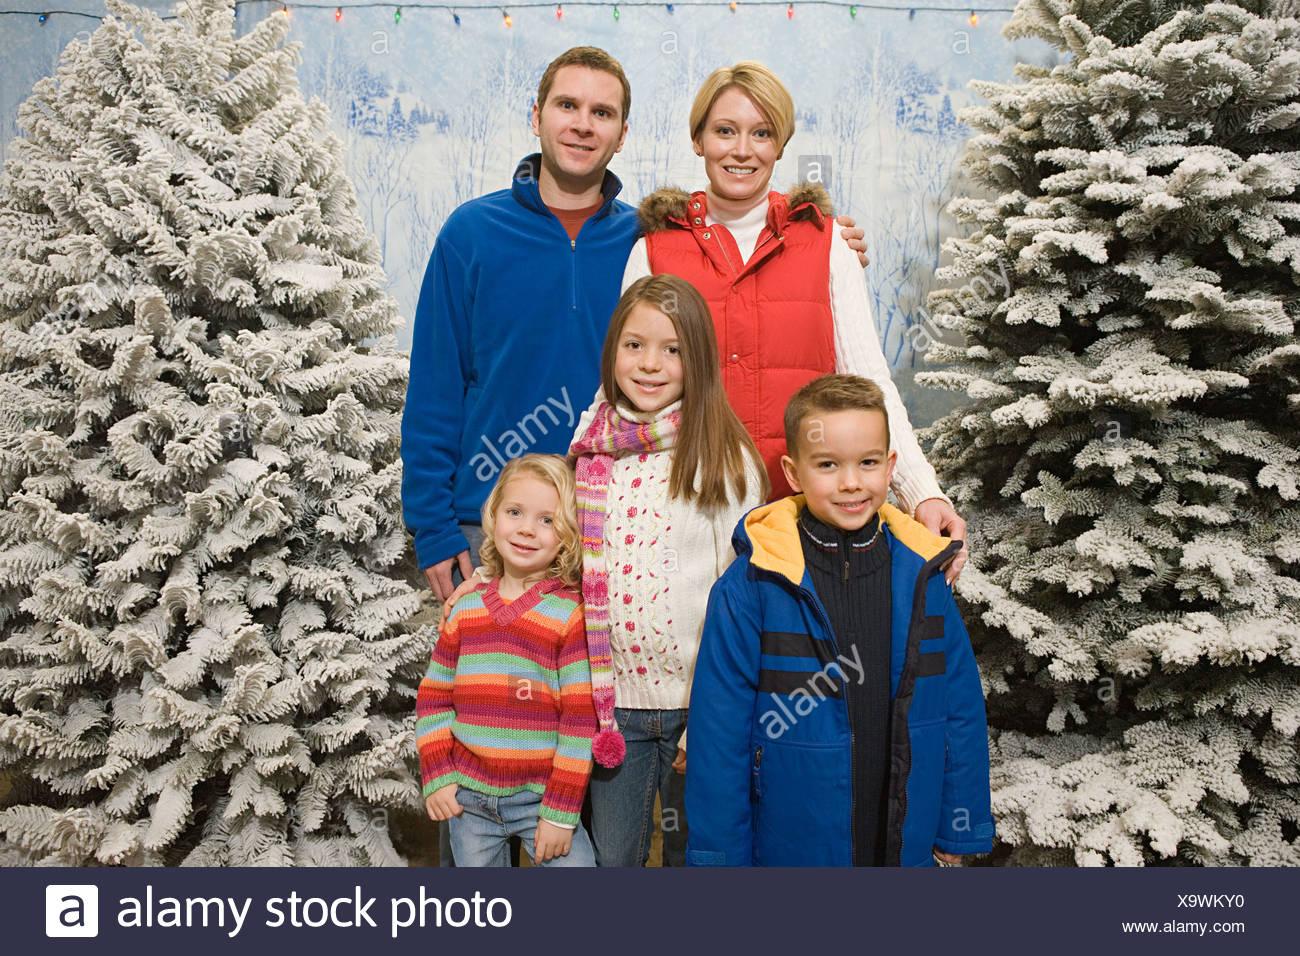 Family in winter scene - Stock Image